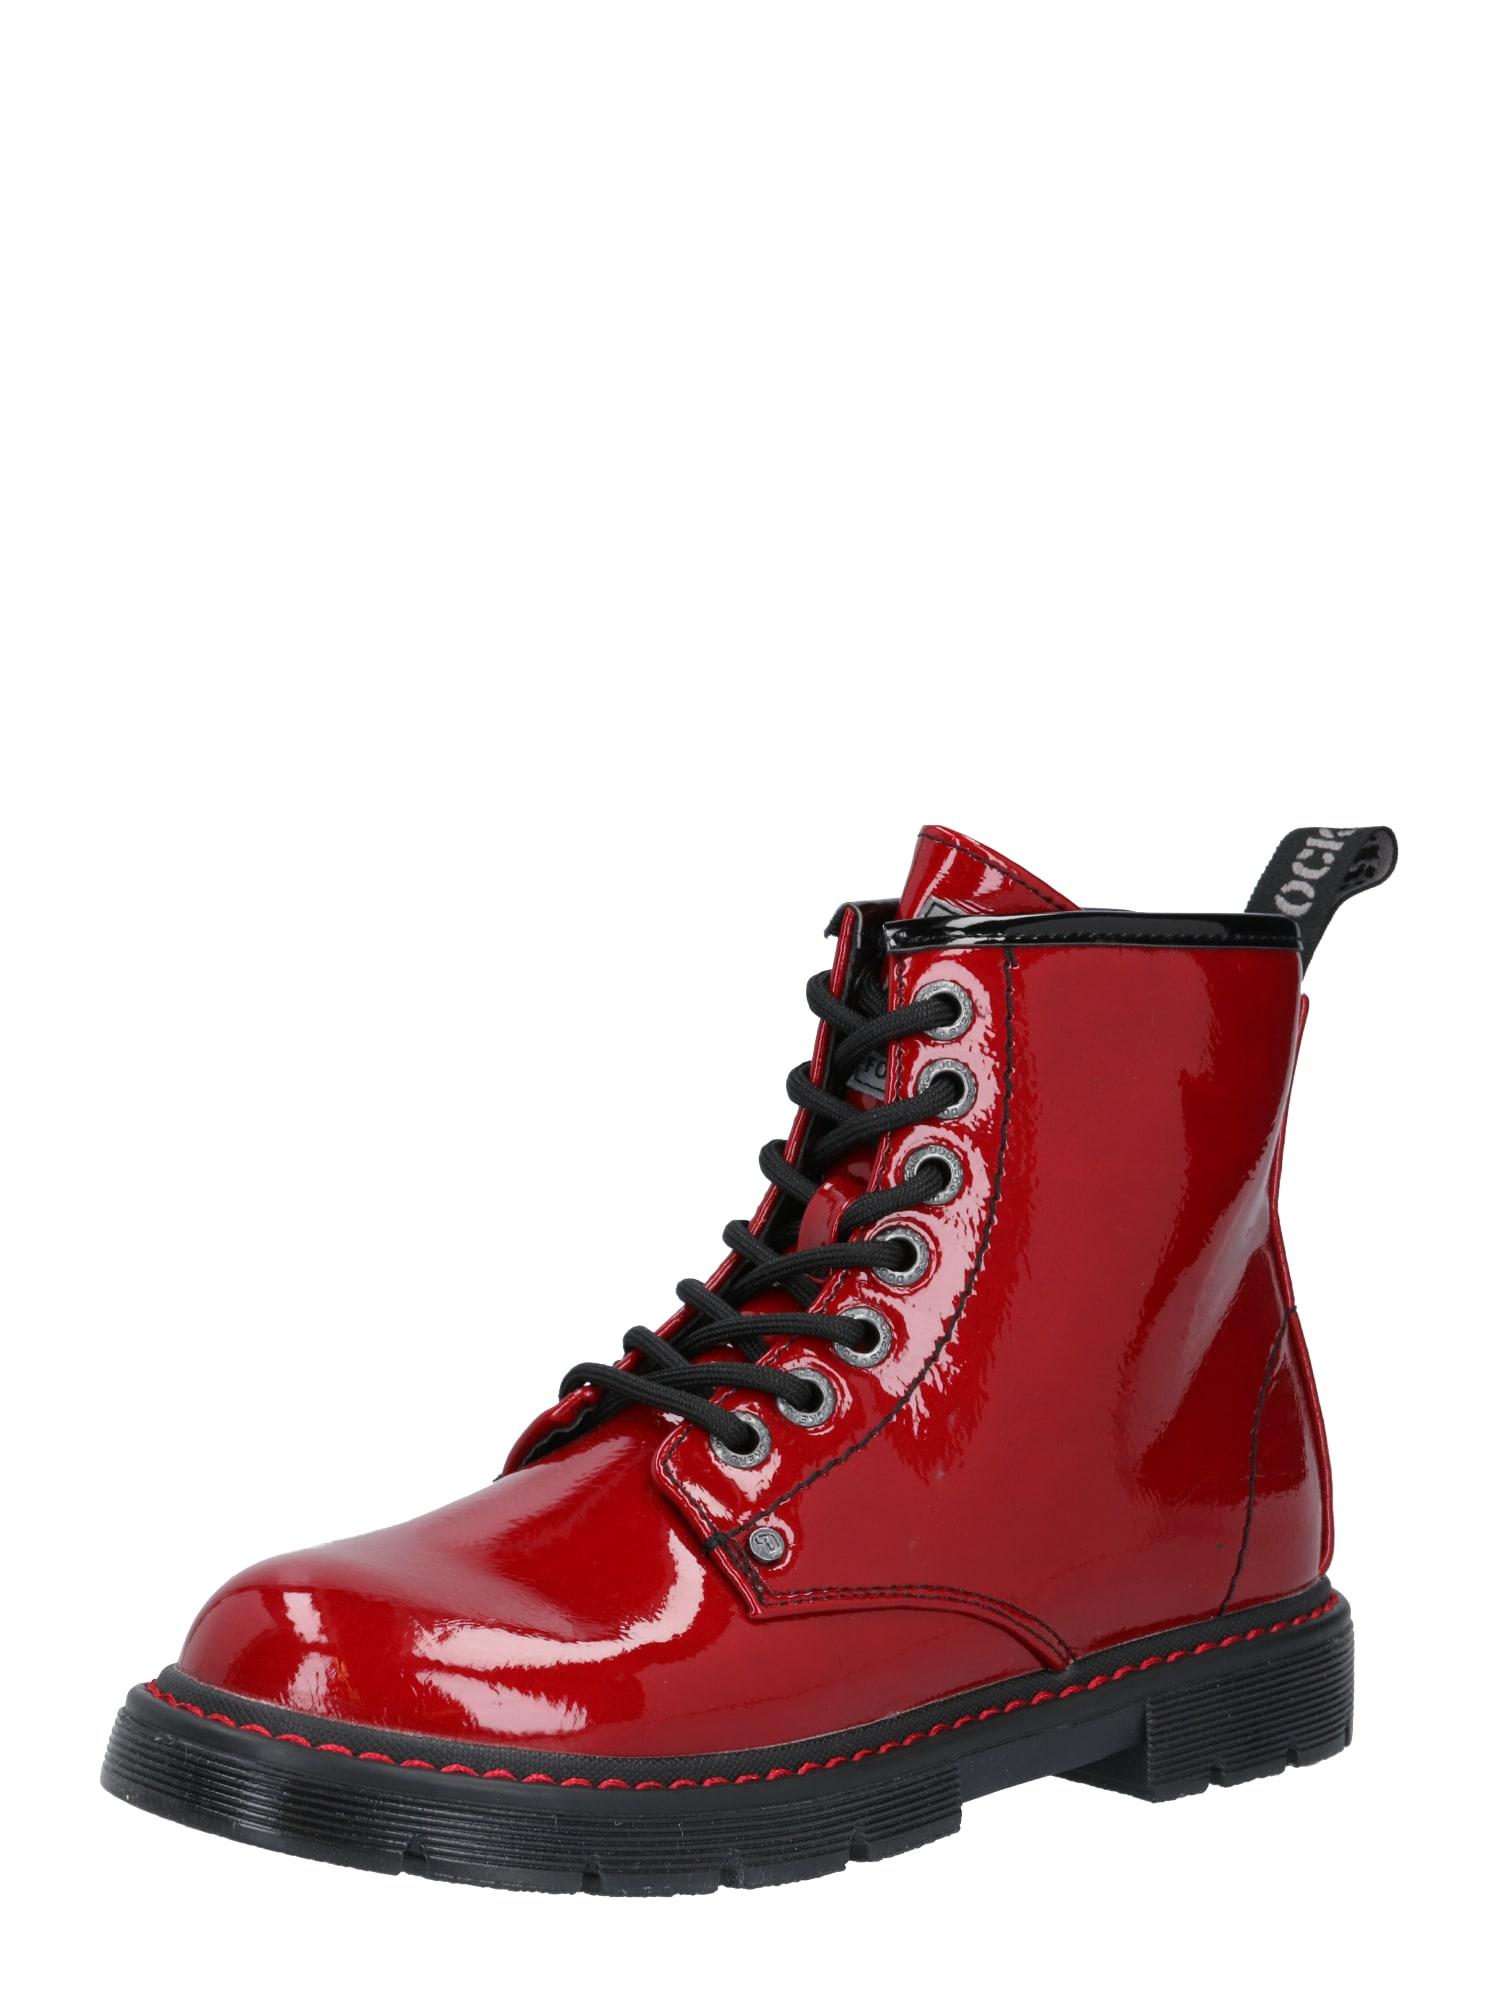 Dockers by Gerli Auliniai batai su kulniuku juoda / karmino raudona